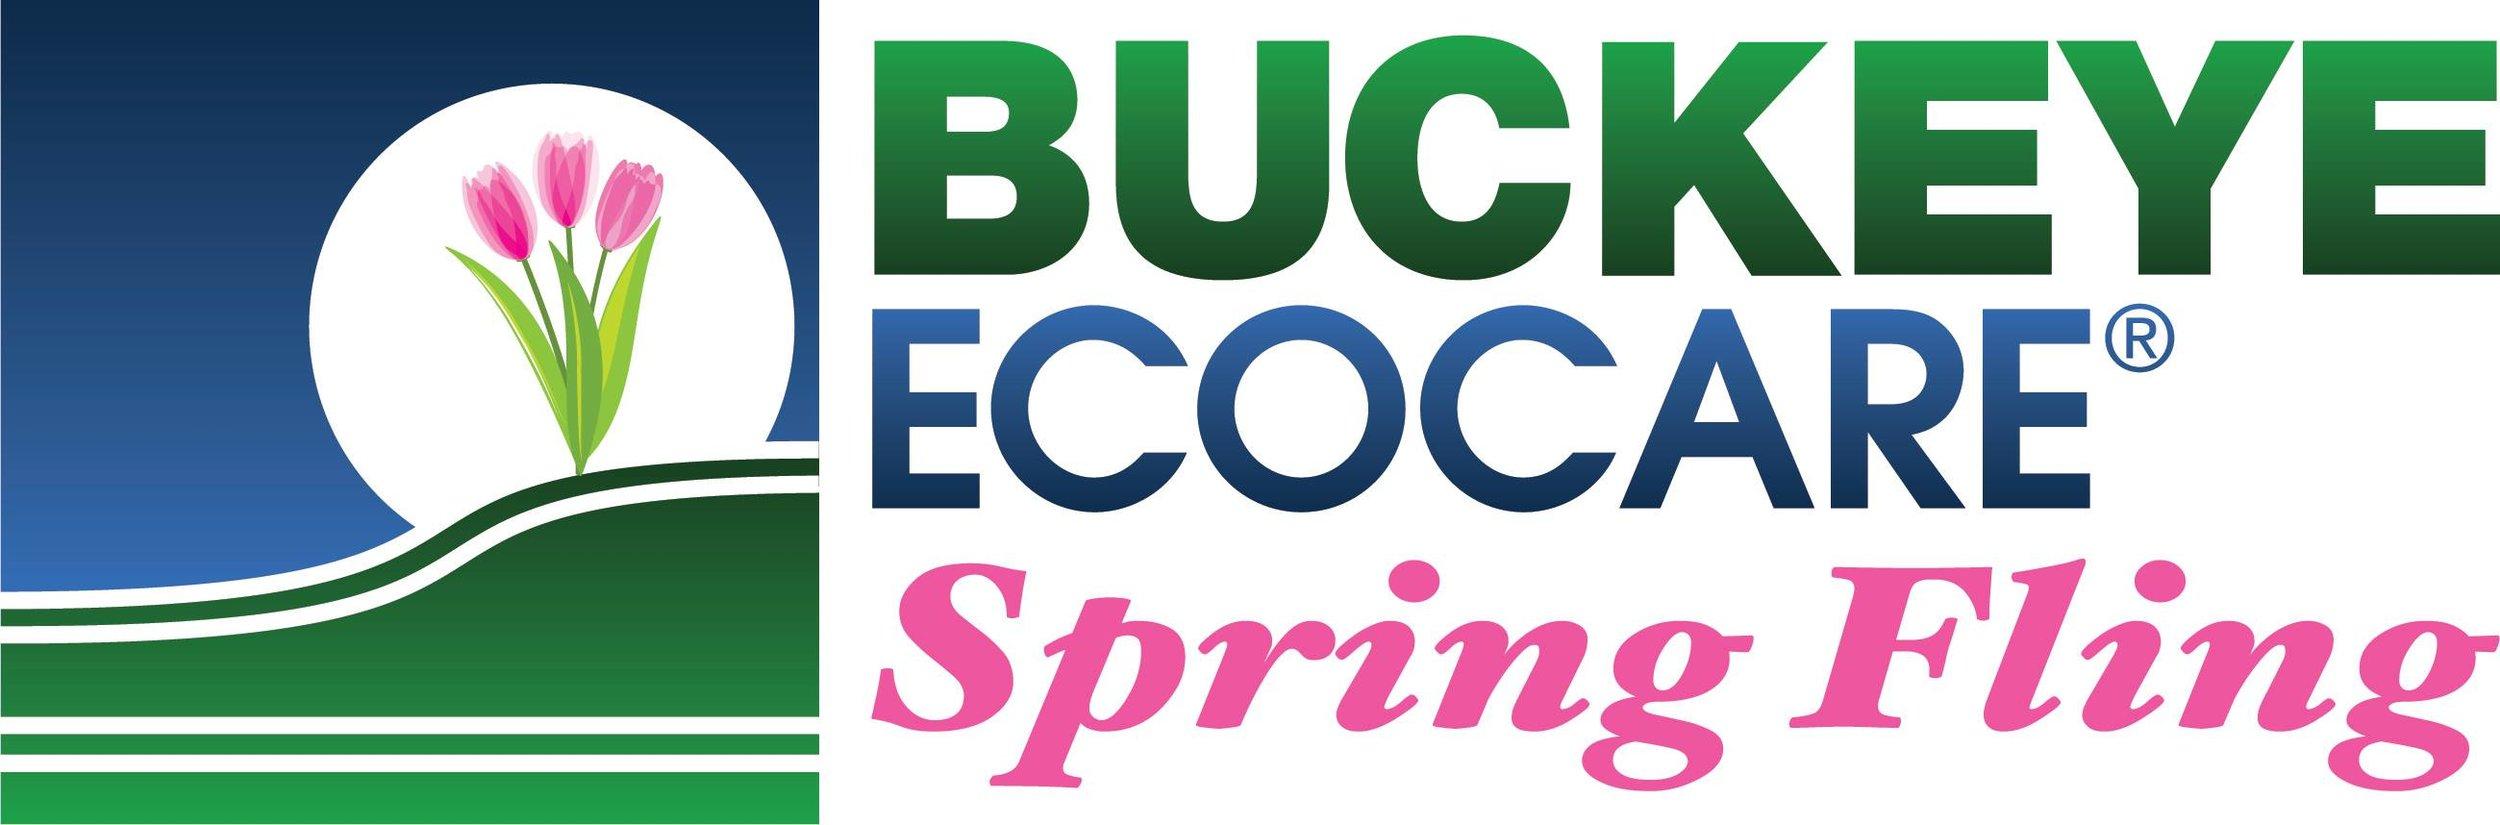 Buckeye ECOCare.jpg